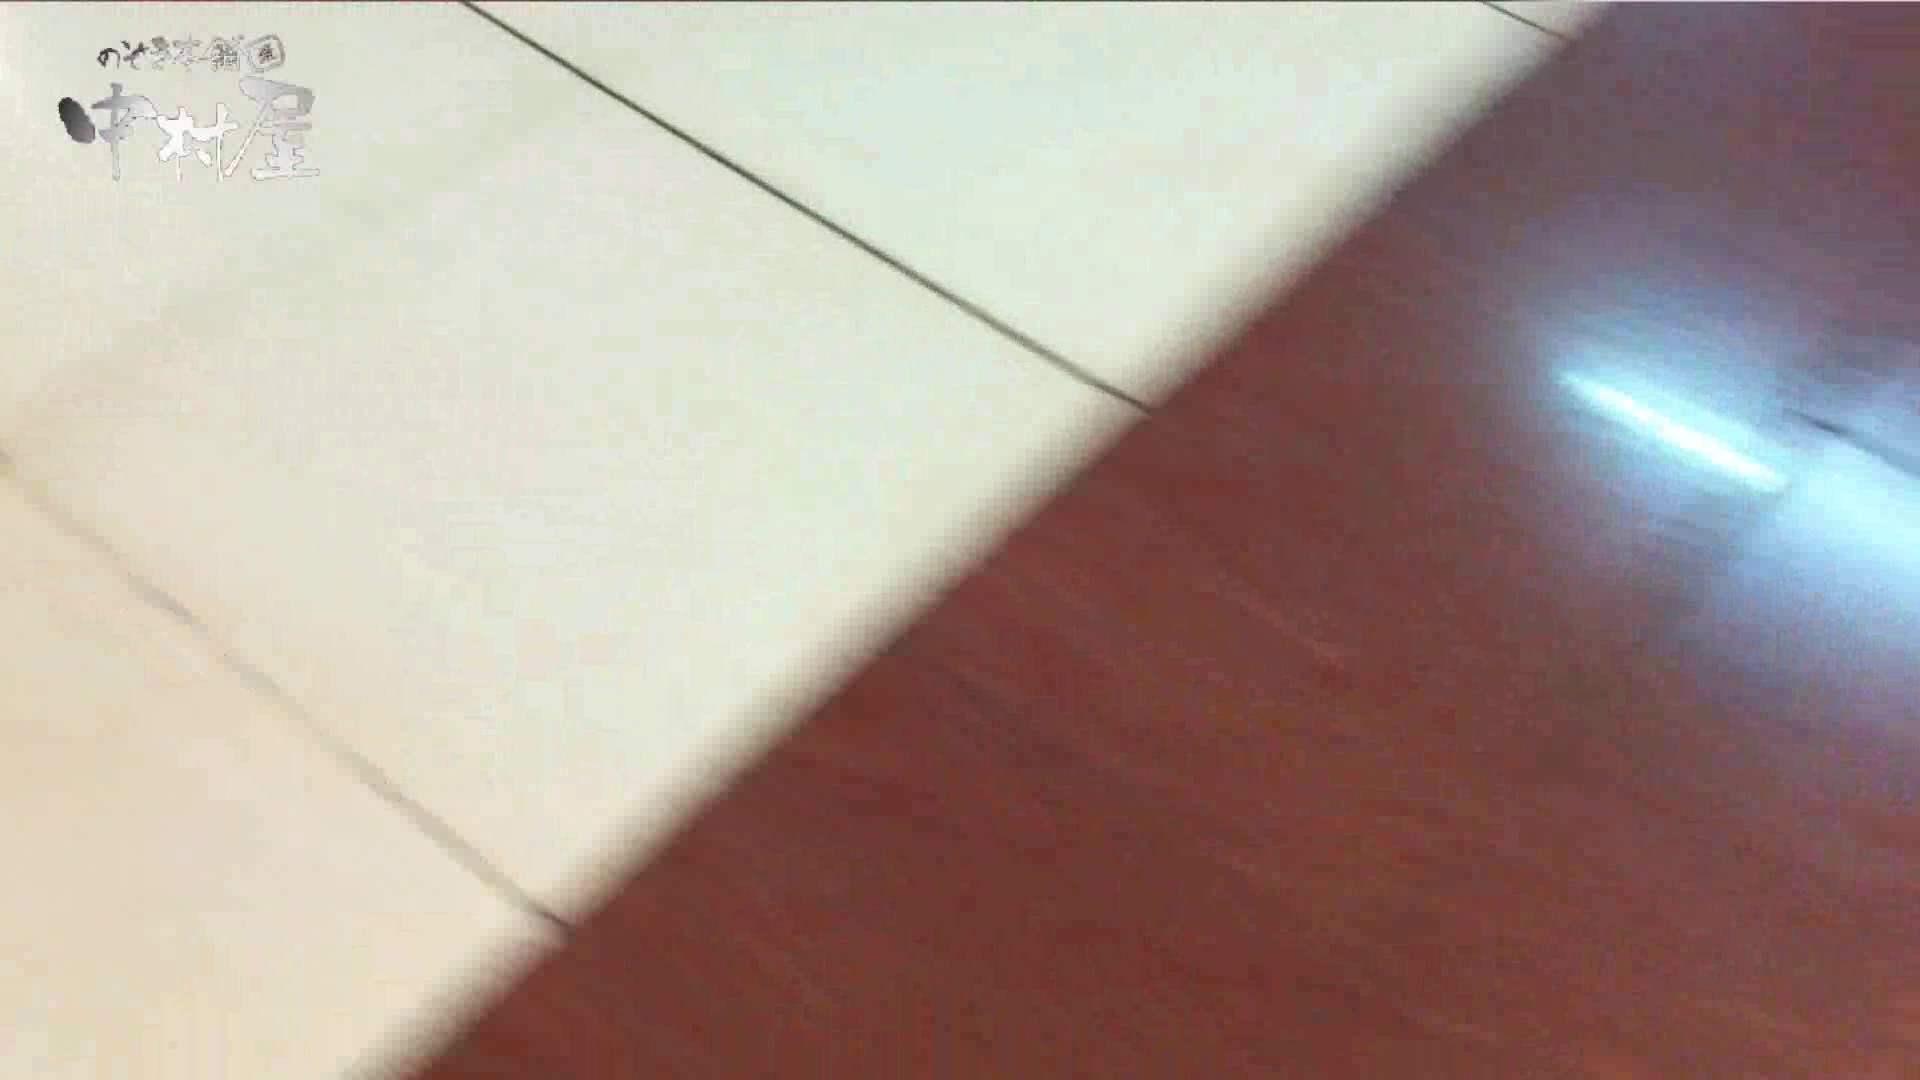 vol.46 可愛いカリスマ店員胸チラ&パンチラ モリマン! チラ歓迎 おまんこ動画流出 79pic 78